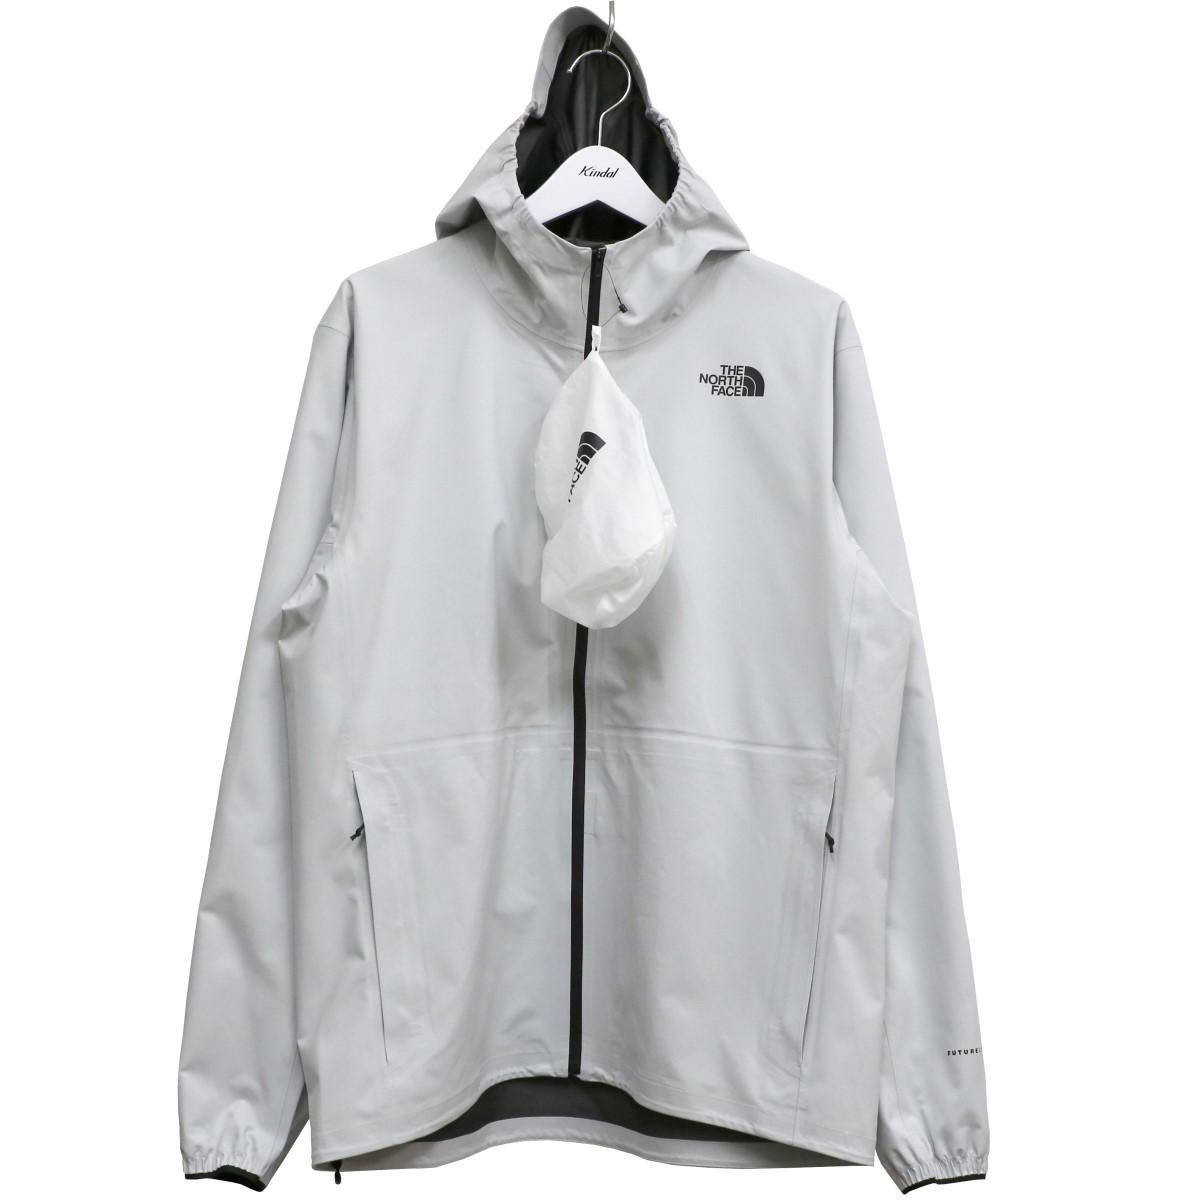 【中古】THE NORTH FACE FL MISTWAY JACKETミストウェイジャケット オフホワイト サイズ:XL 【160820】(ザノースフェイス)